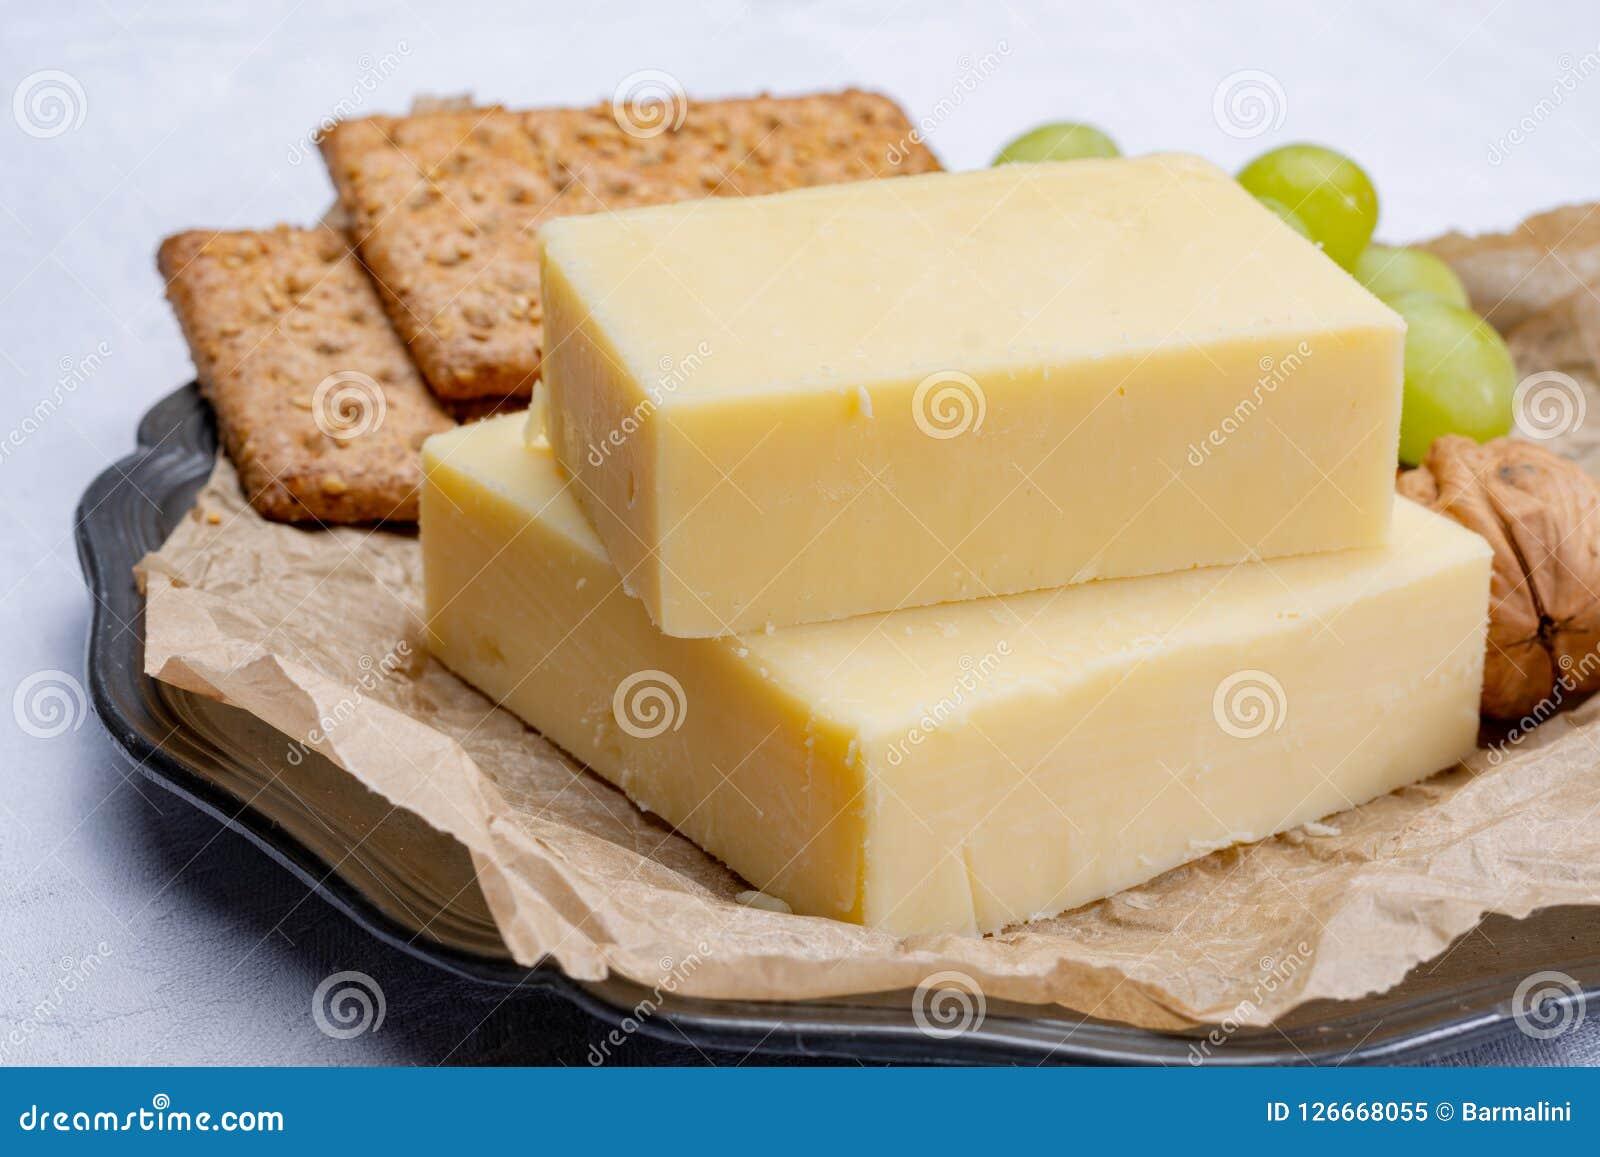 Blok starzejący się cheddaru ser popularny typ ser wewnątrz